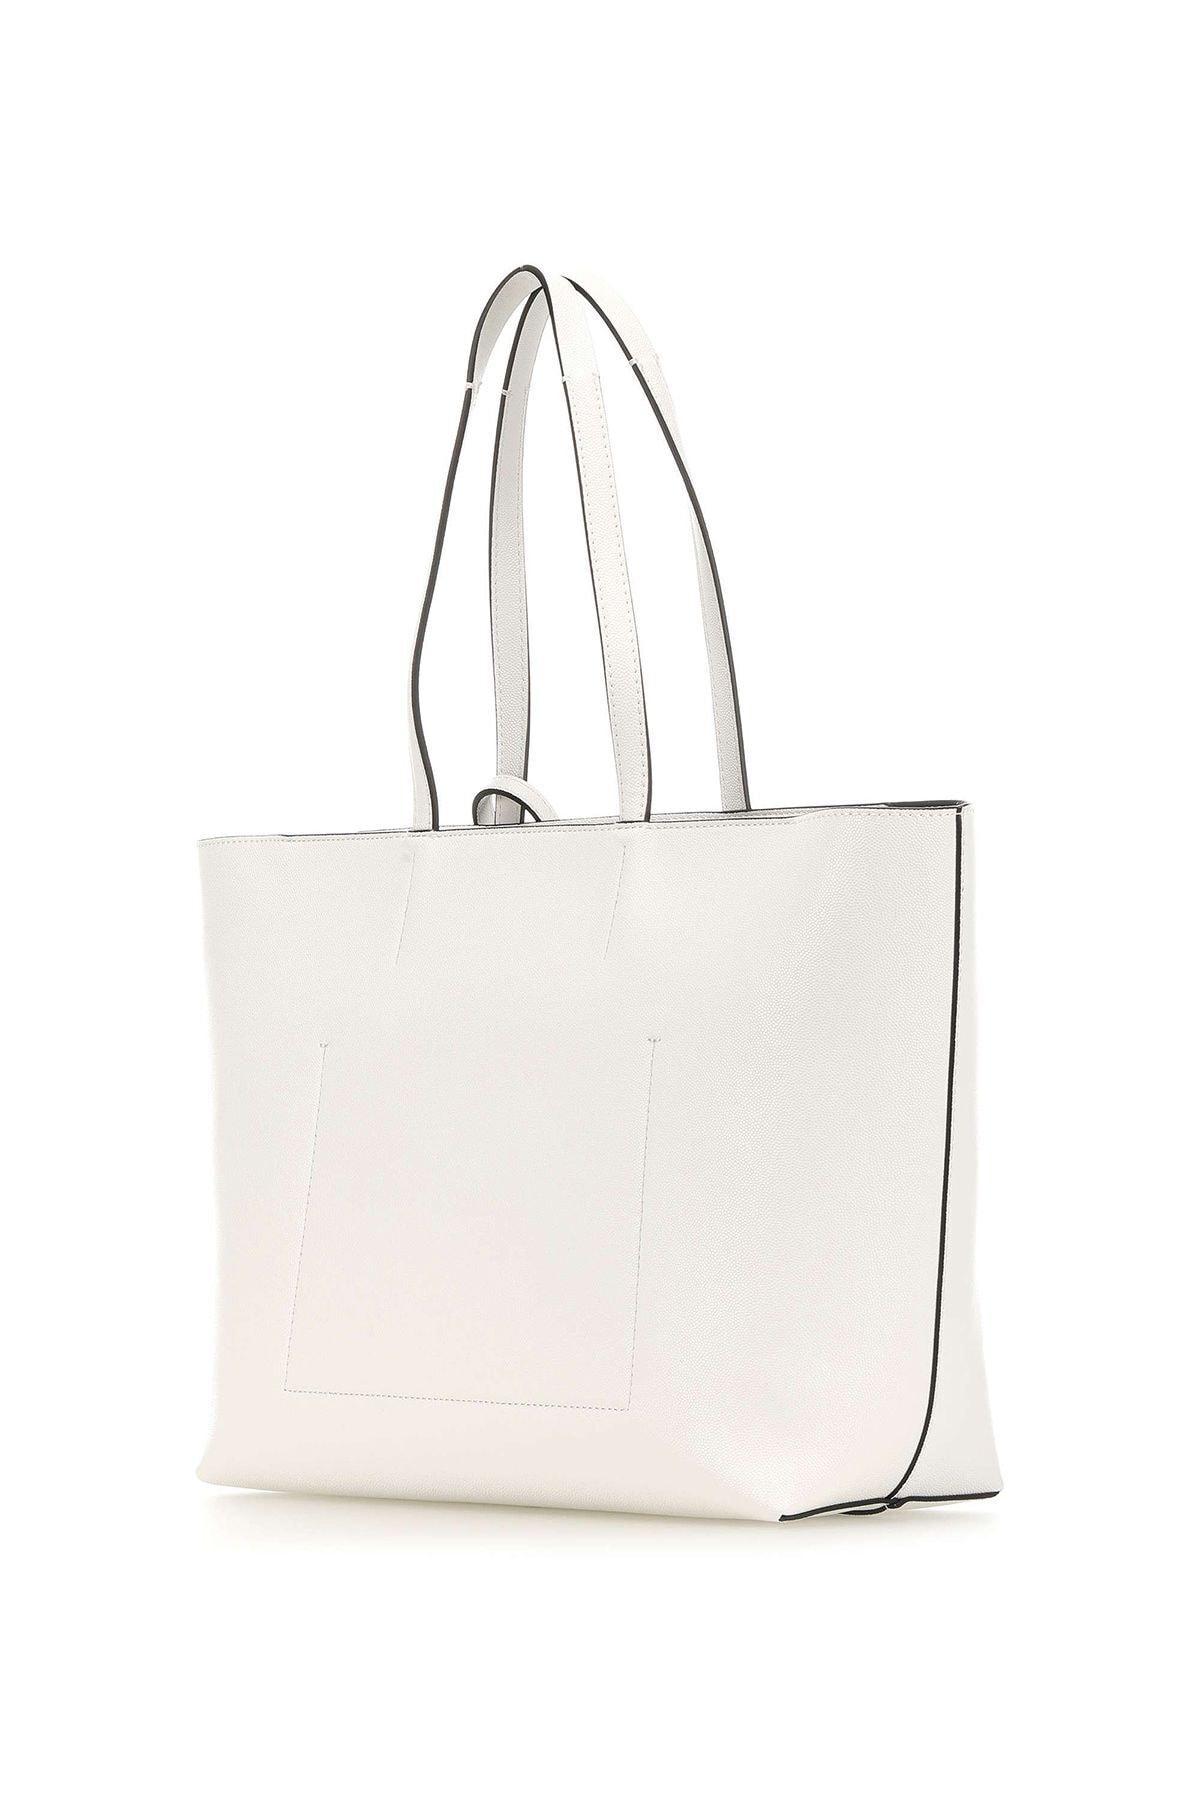 Calvin Klein Kadın Must Shopper Md Cav Kadın Kol Çantası K60k606649 2